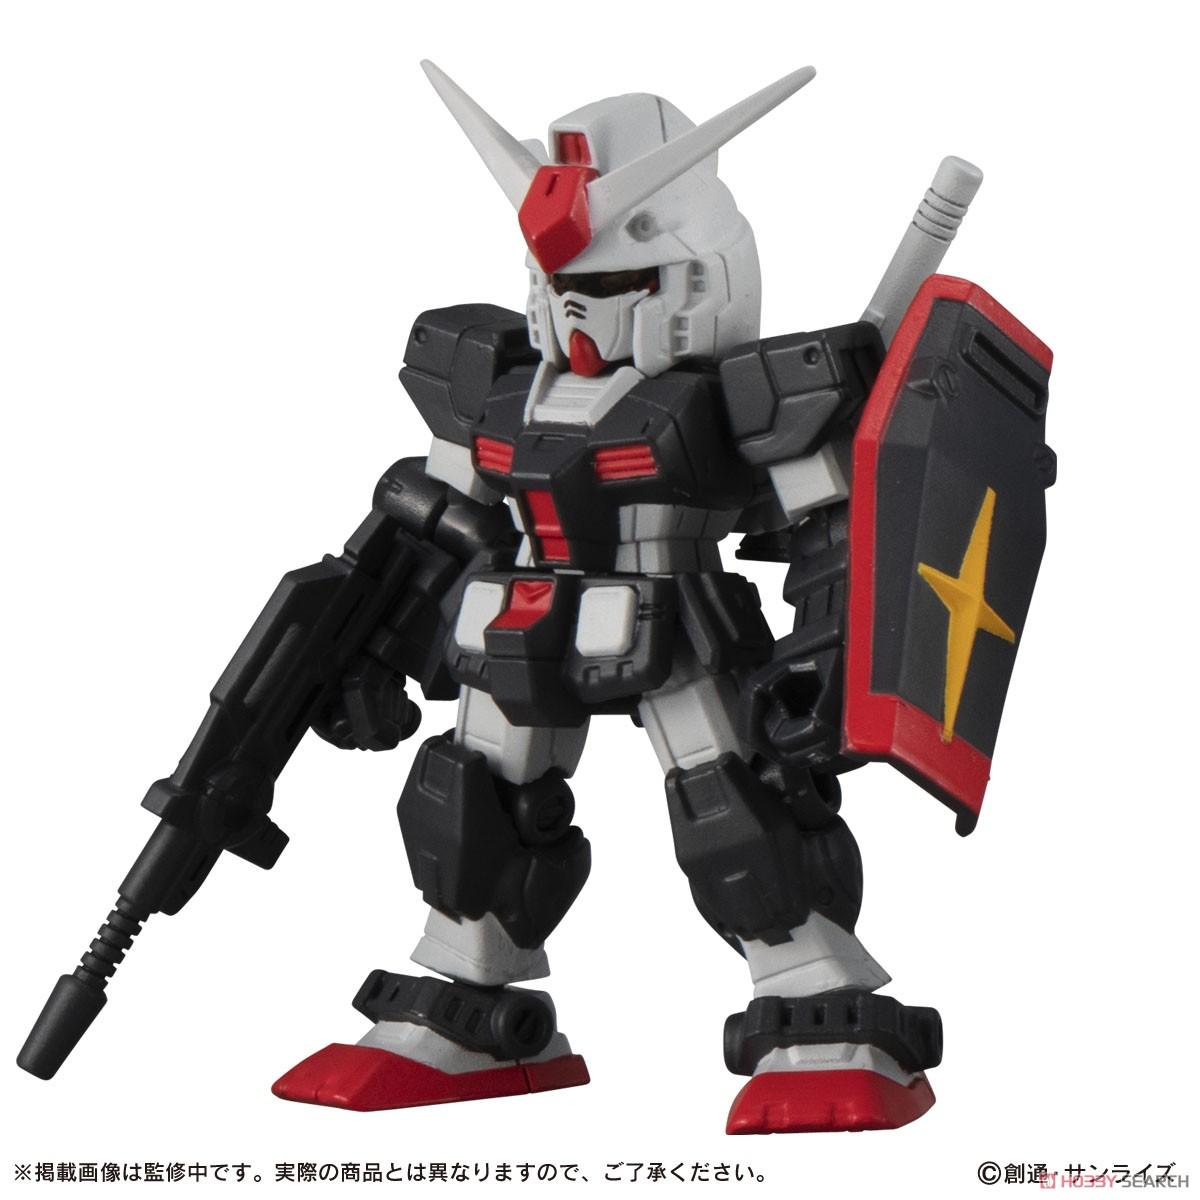 機動戦士ガンダム『MOBILE SUIT ENSEMBLE18』デフォルメ可動フィギュア 10個入りBOX-001